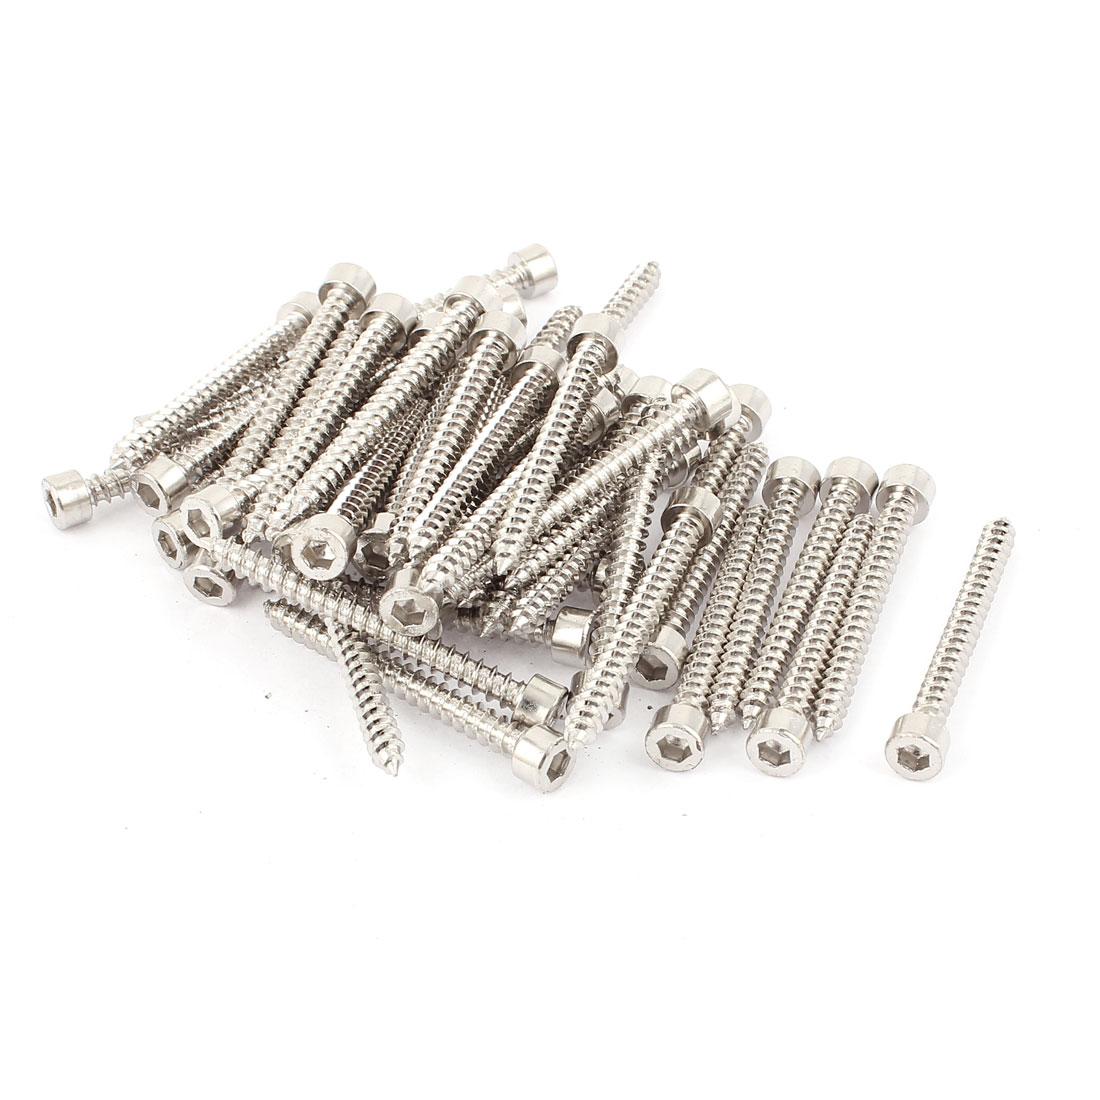 5mm x 50mm Full Thread Nickel Plated Hex Head Self Tapping Screws 50pcs